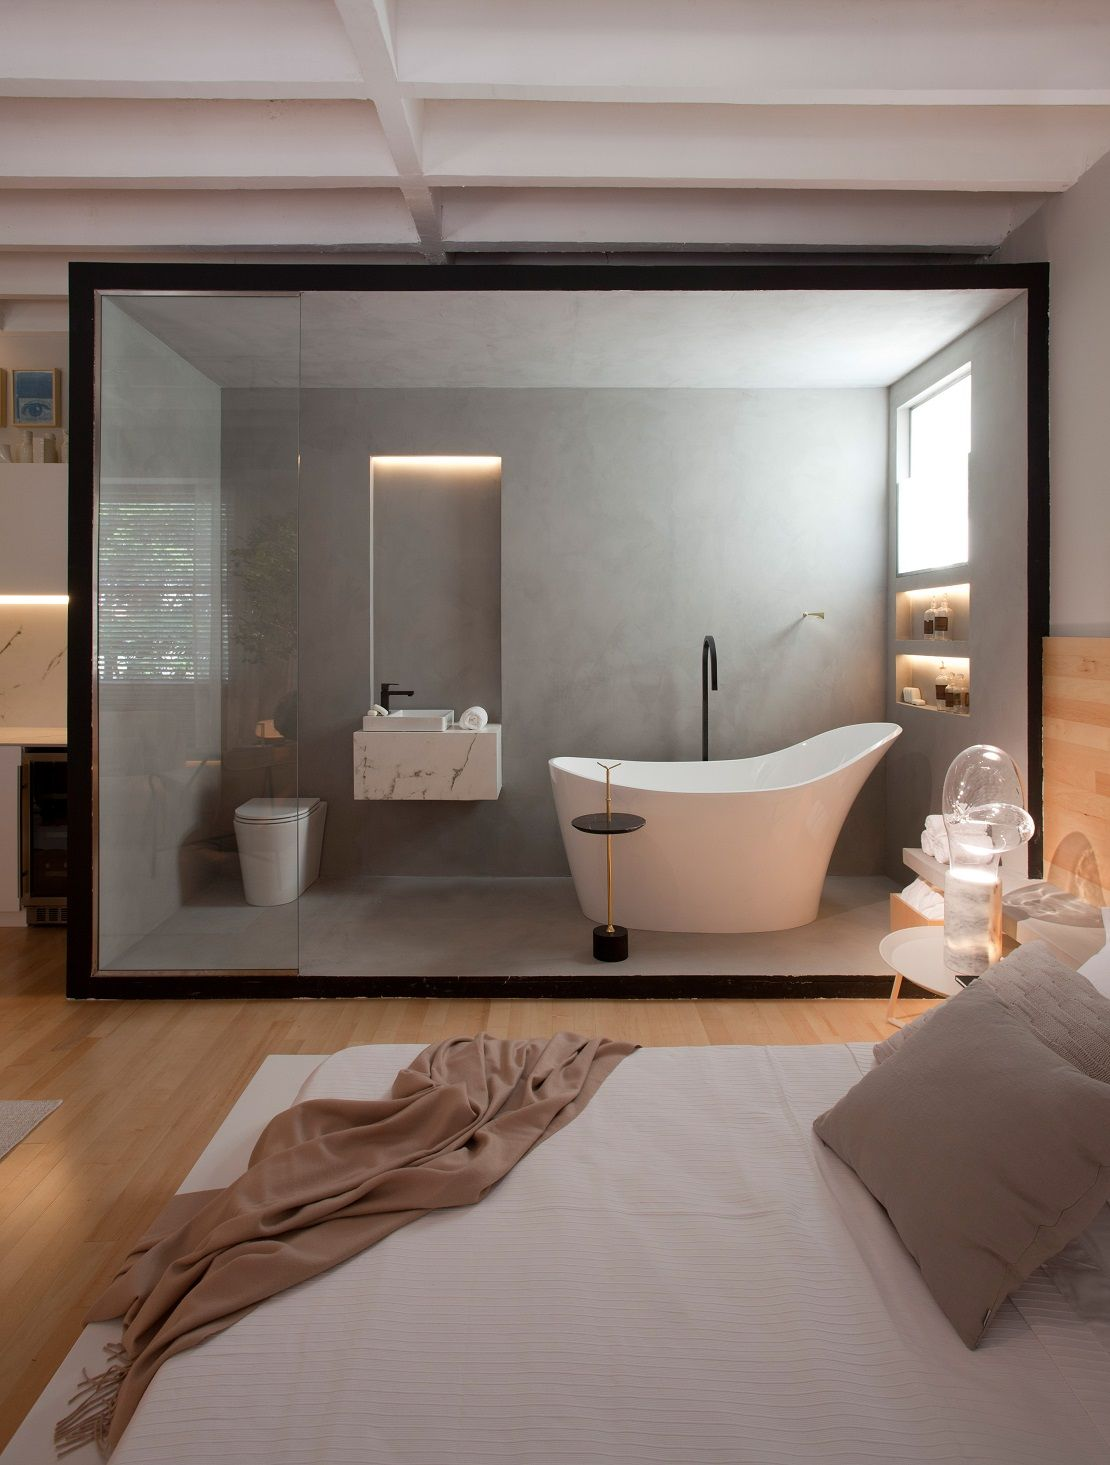 Tendances Du Salon Casa Cor 2016 Idee Salle De Bain Maison Et Chambre Parentale Salle De Bain